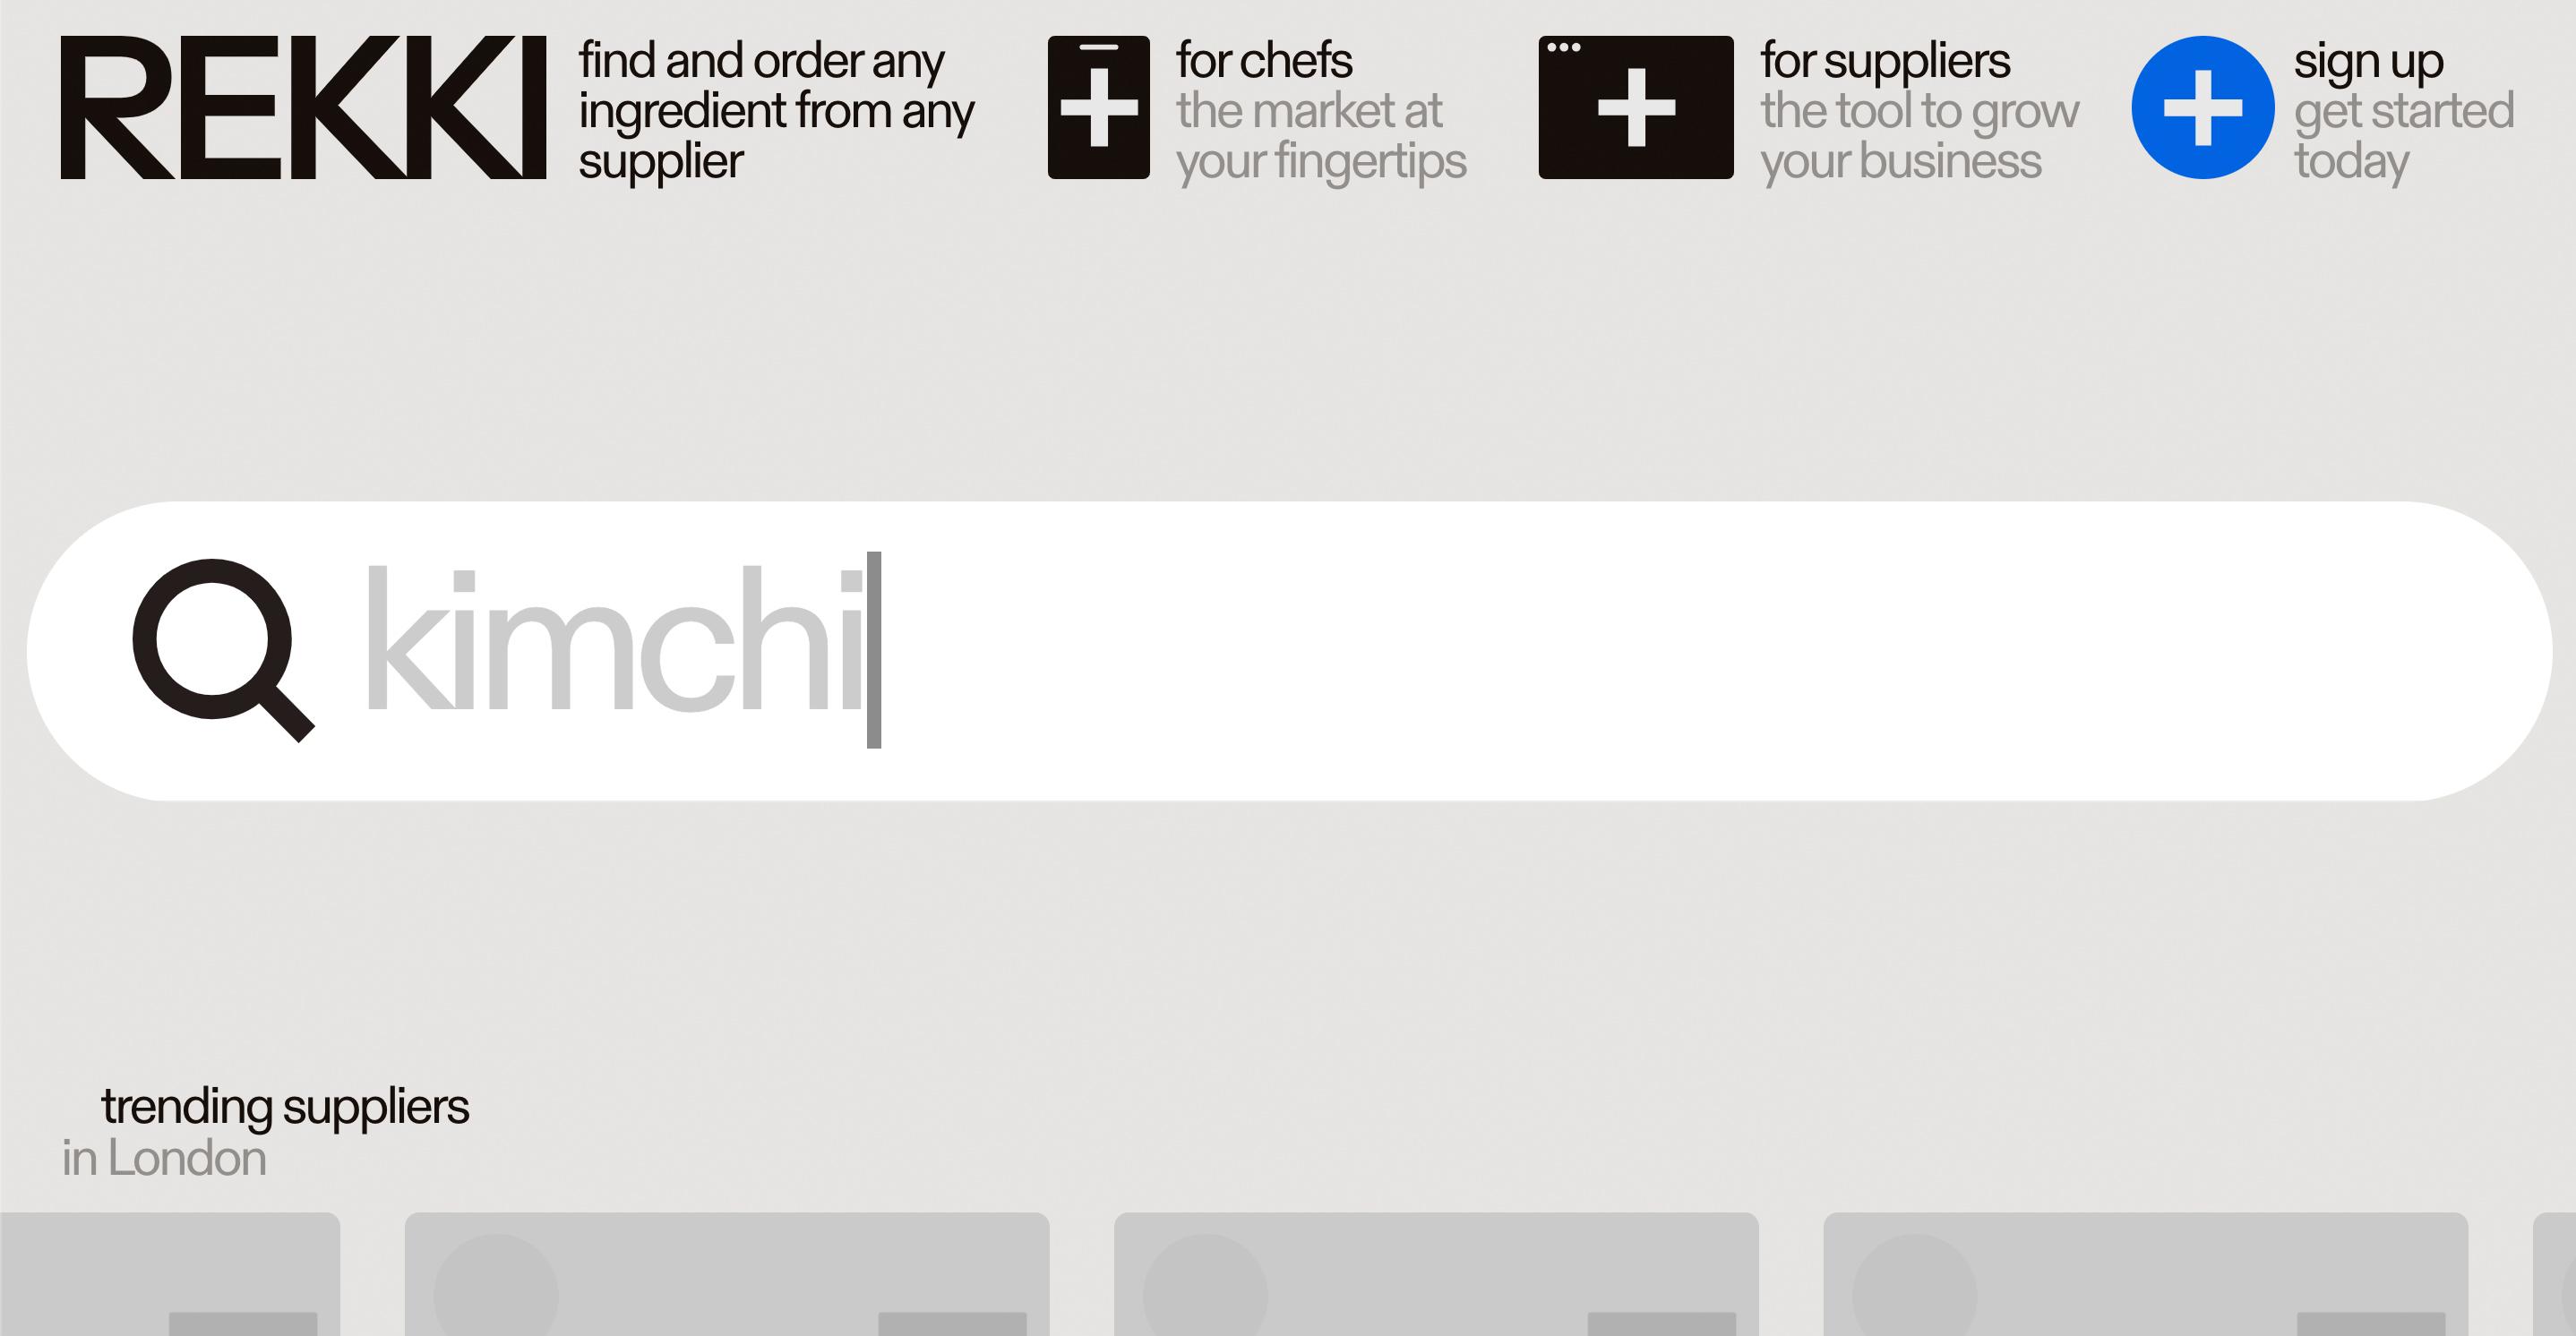 rekki - Restaurants + Suppliers Platform